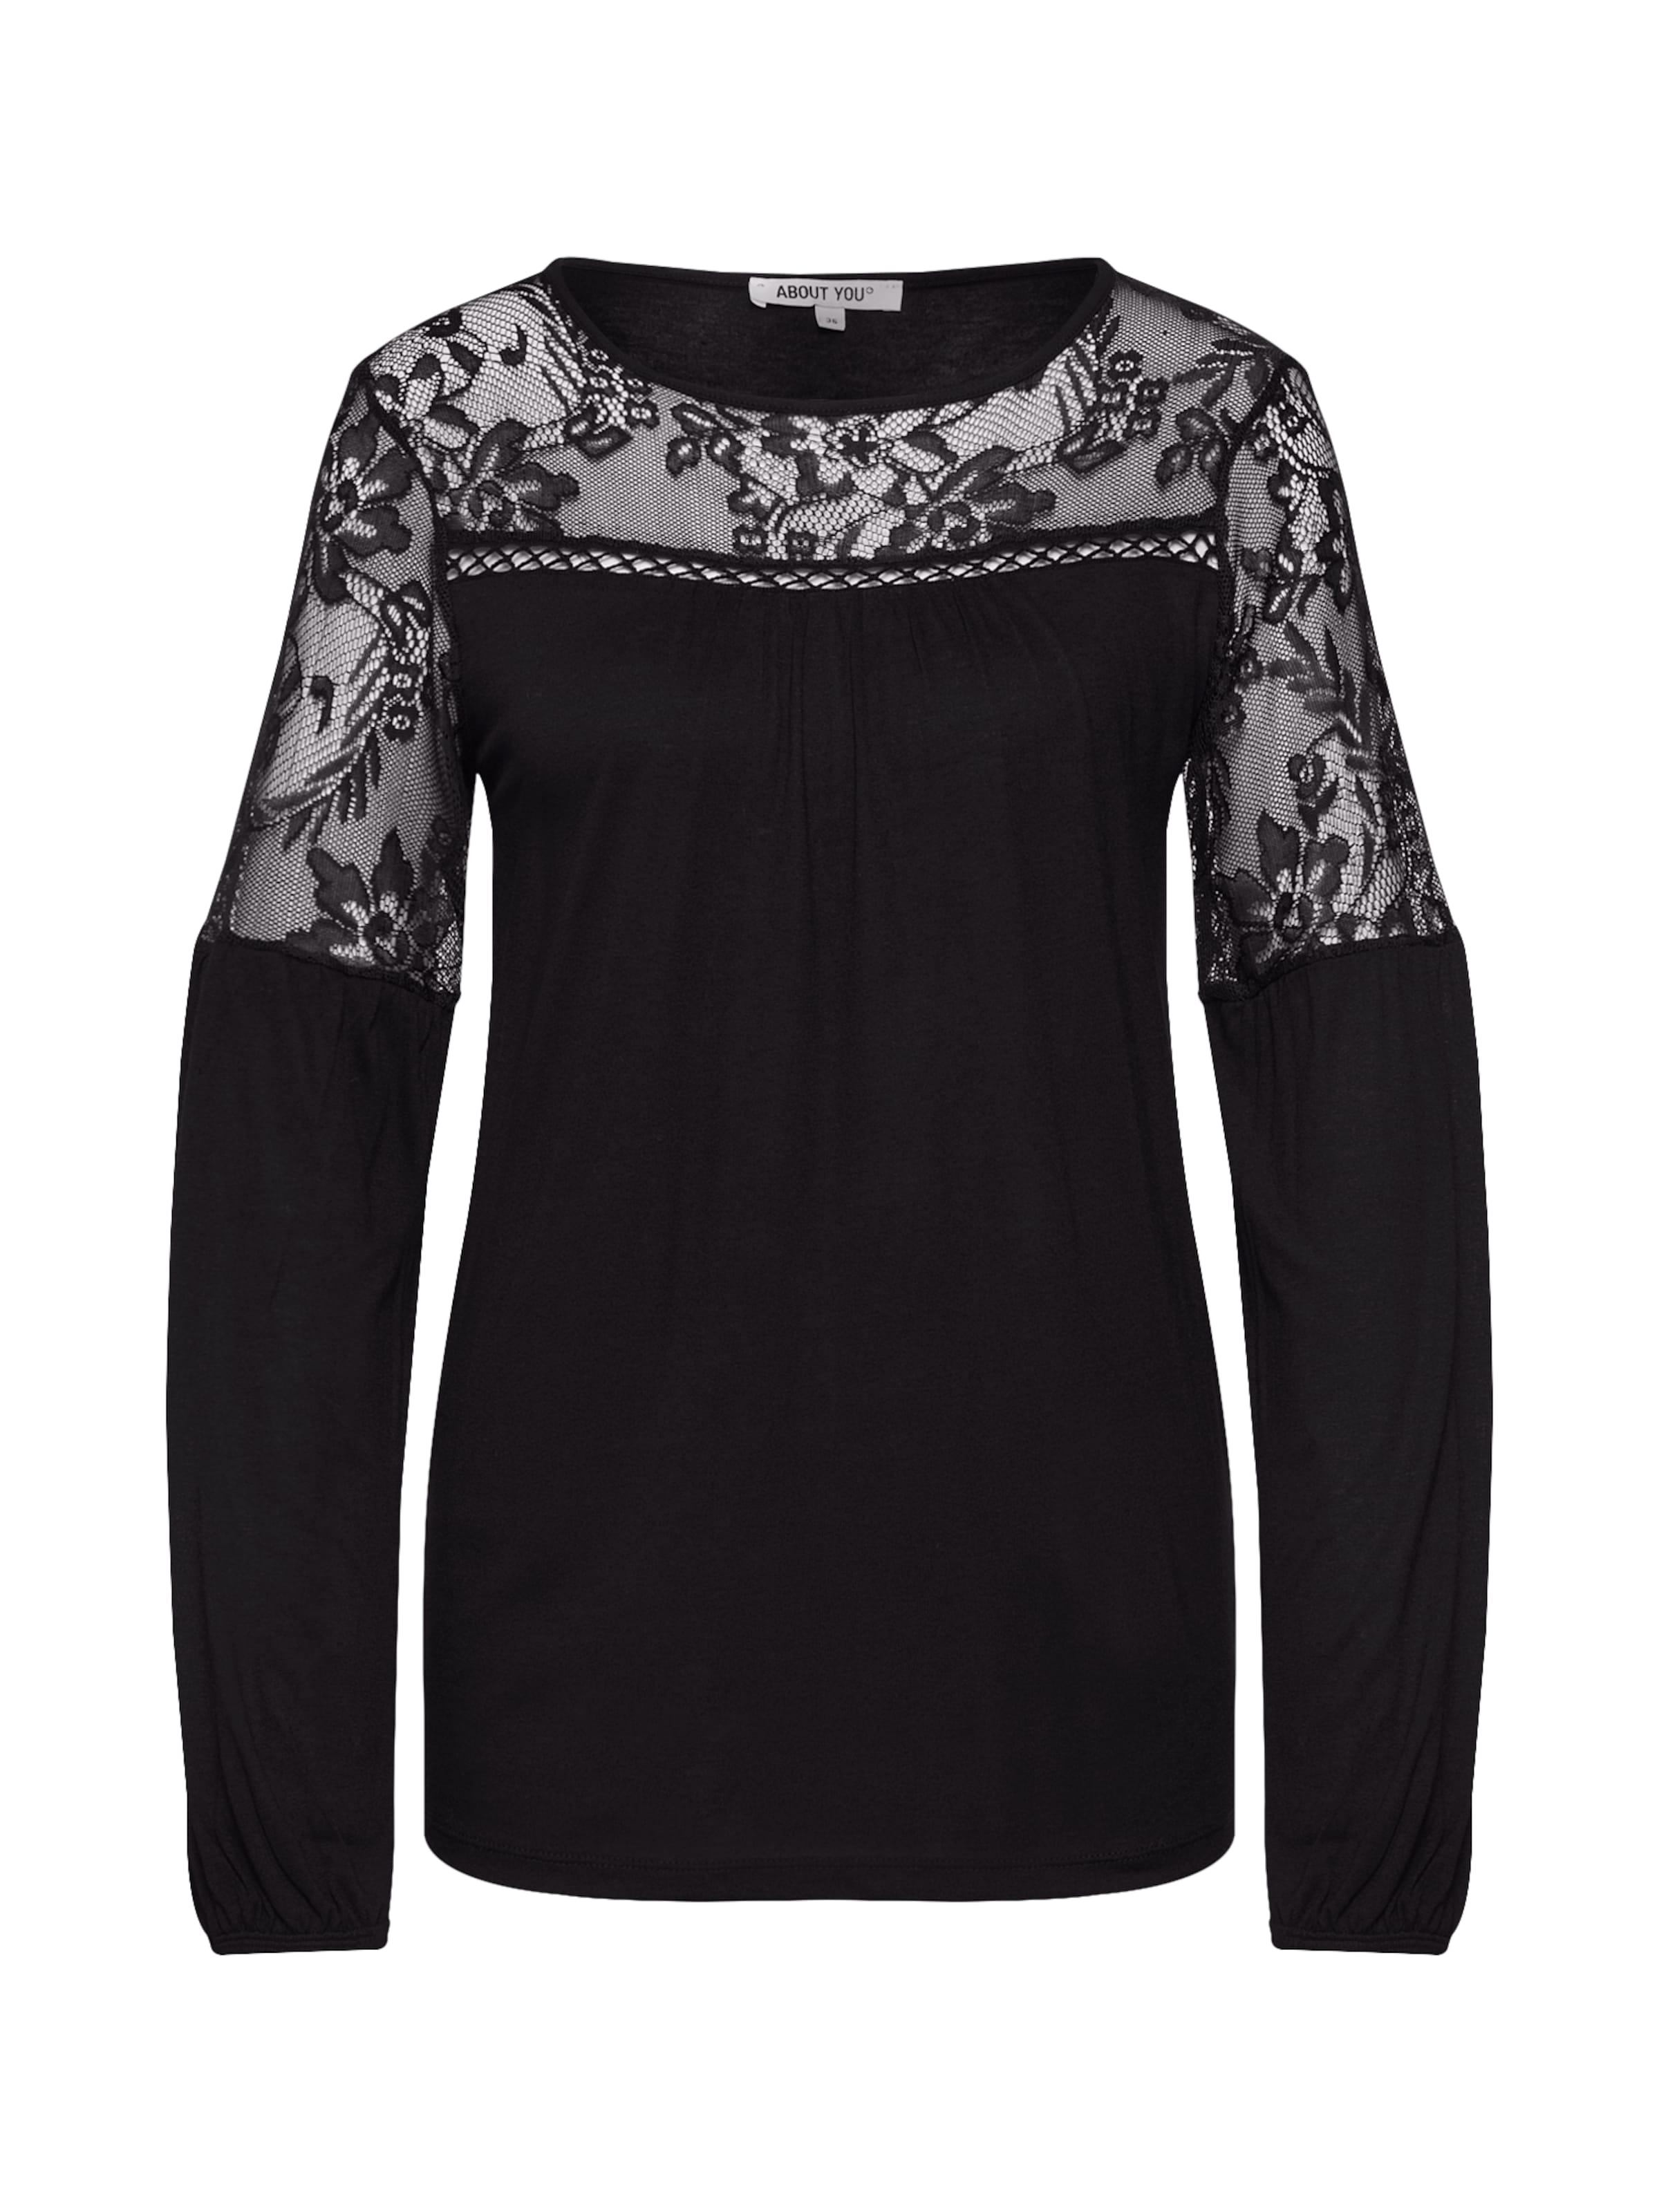 Noir En About You T shirt Shirt' 'elisabeth QrdChtBsx